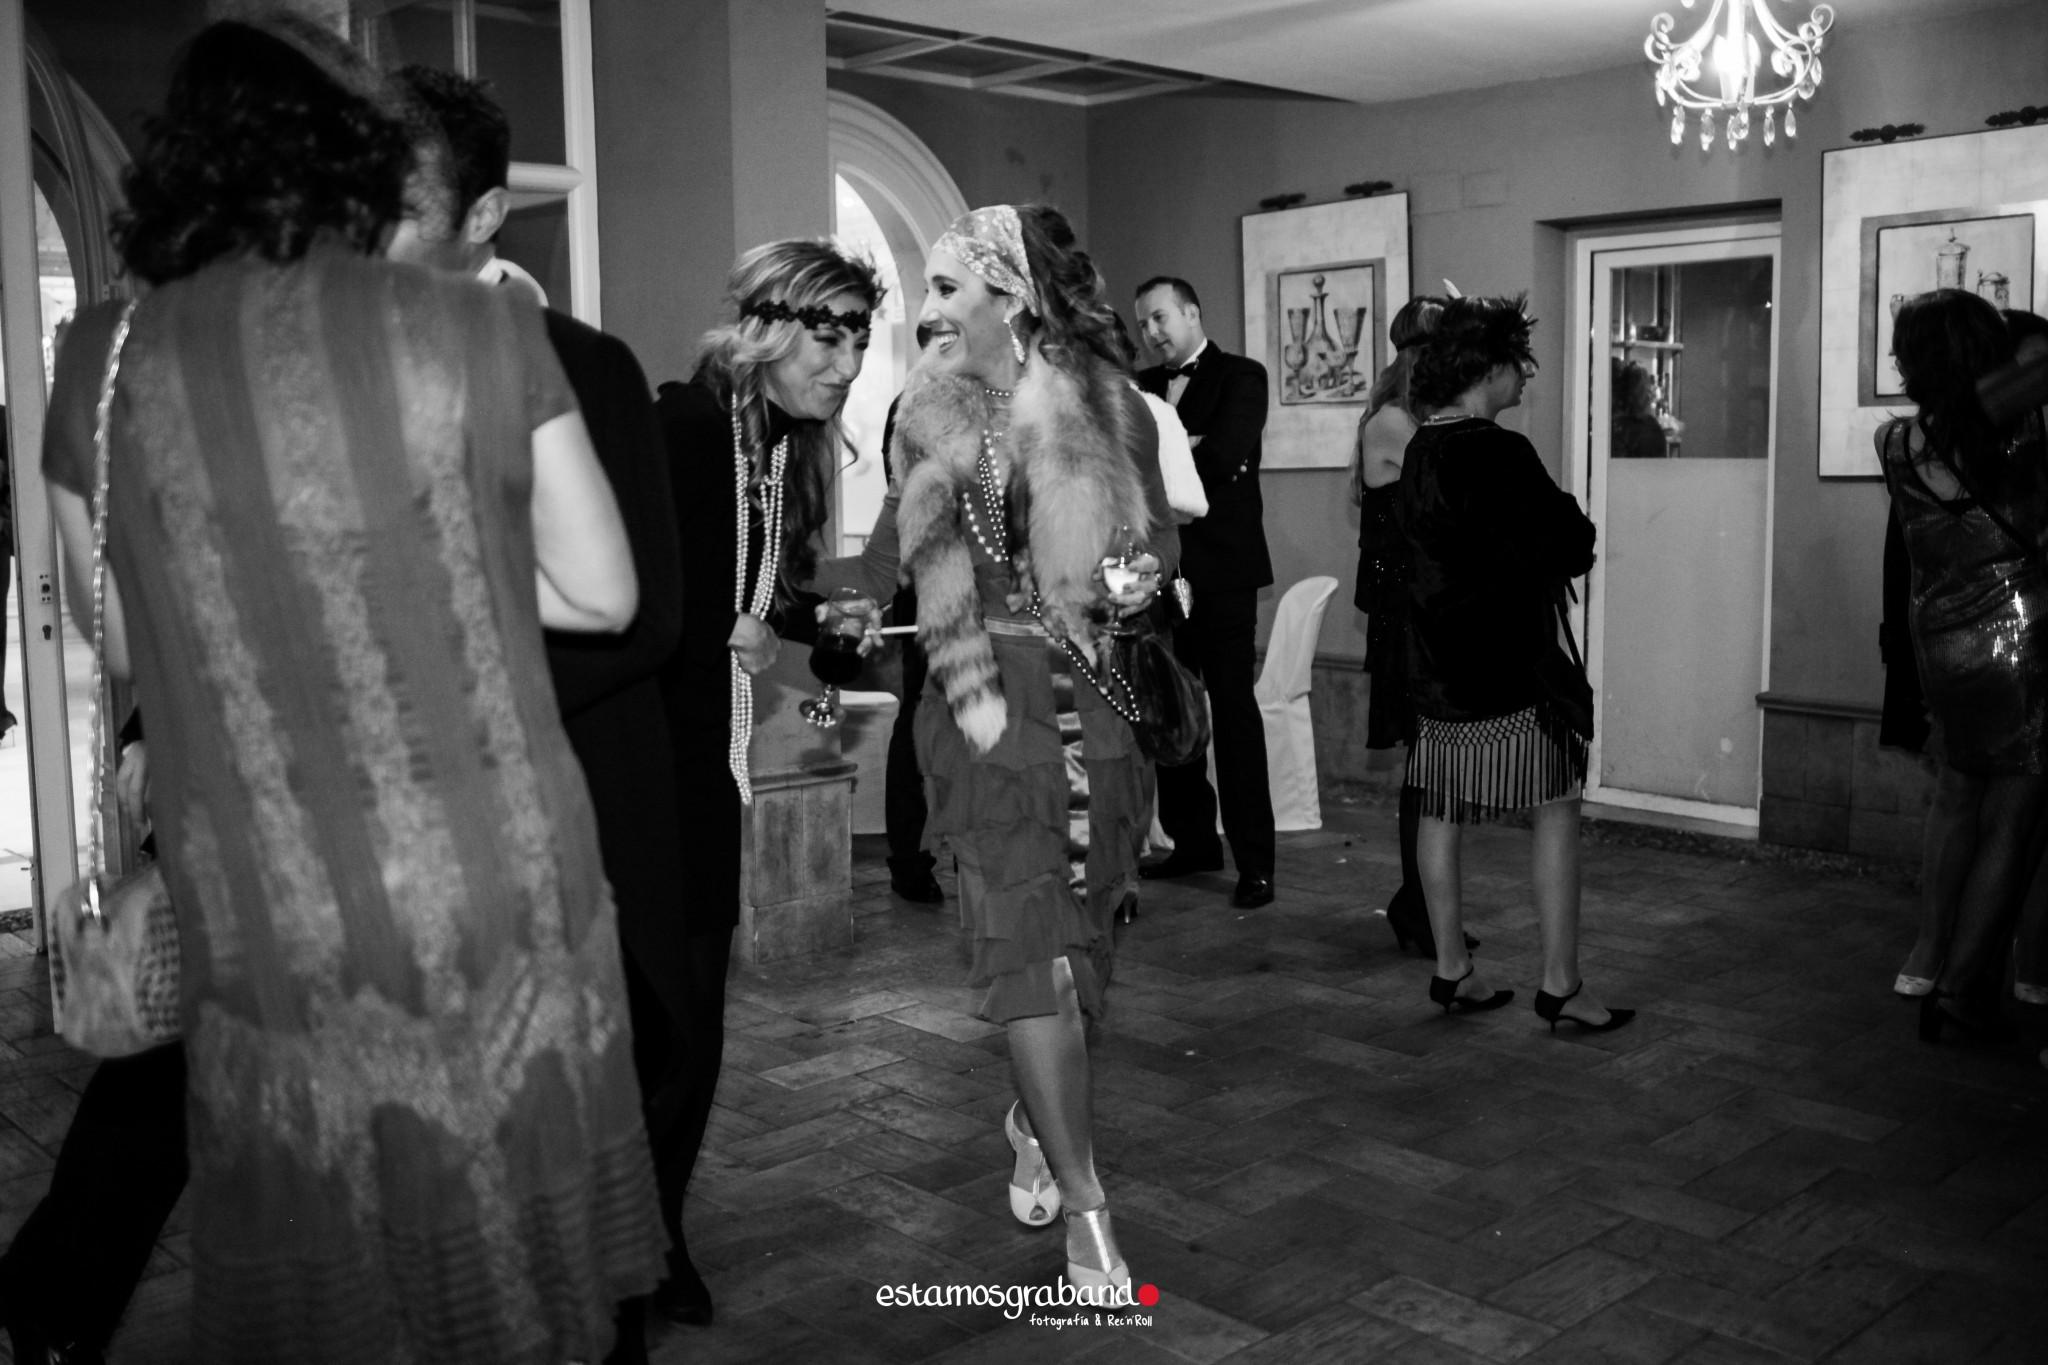 Años-20-BBTP-77-de-109 Los locos Años 20 [Fotografía en La Teta de Julieta, Cádiz] - video boda cadiz